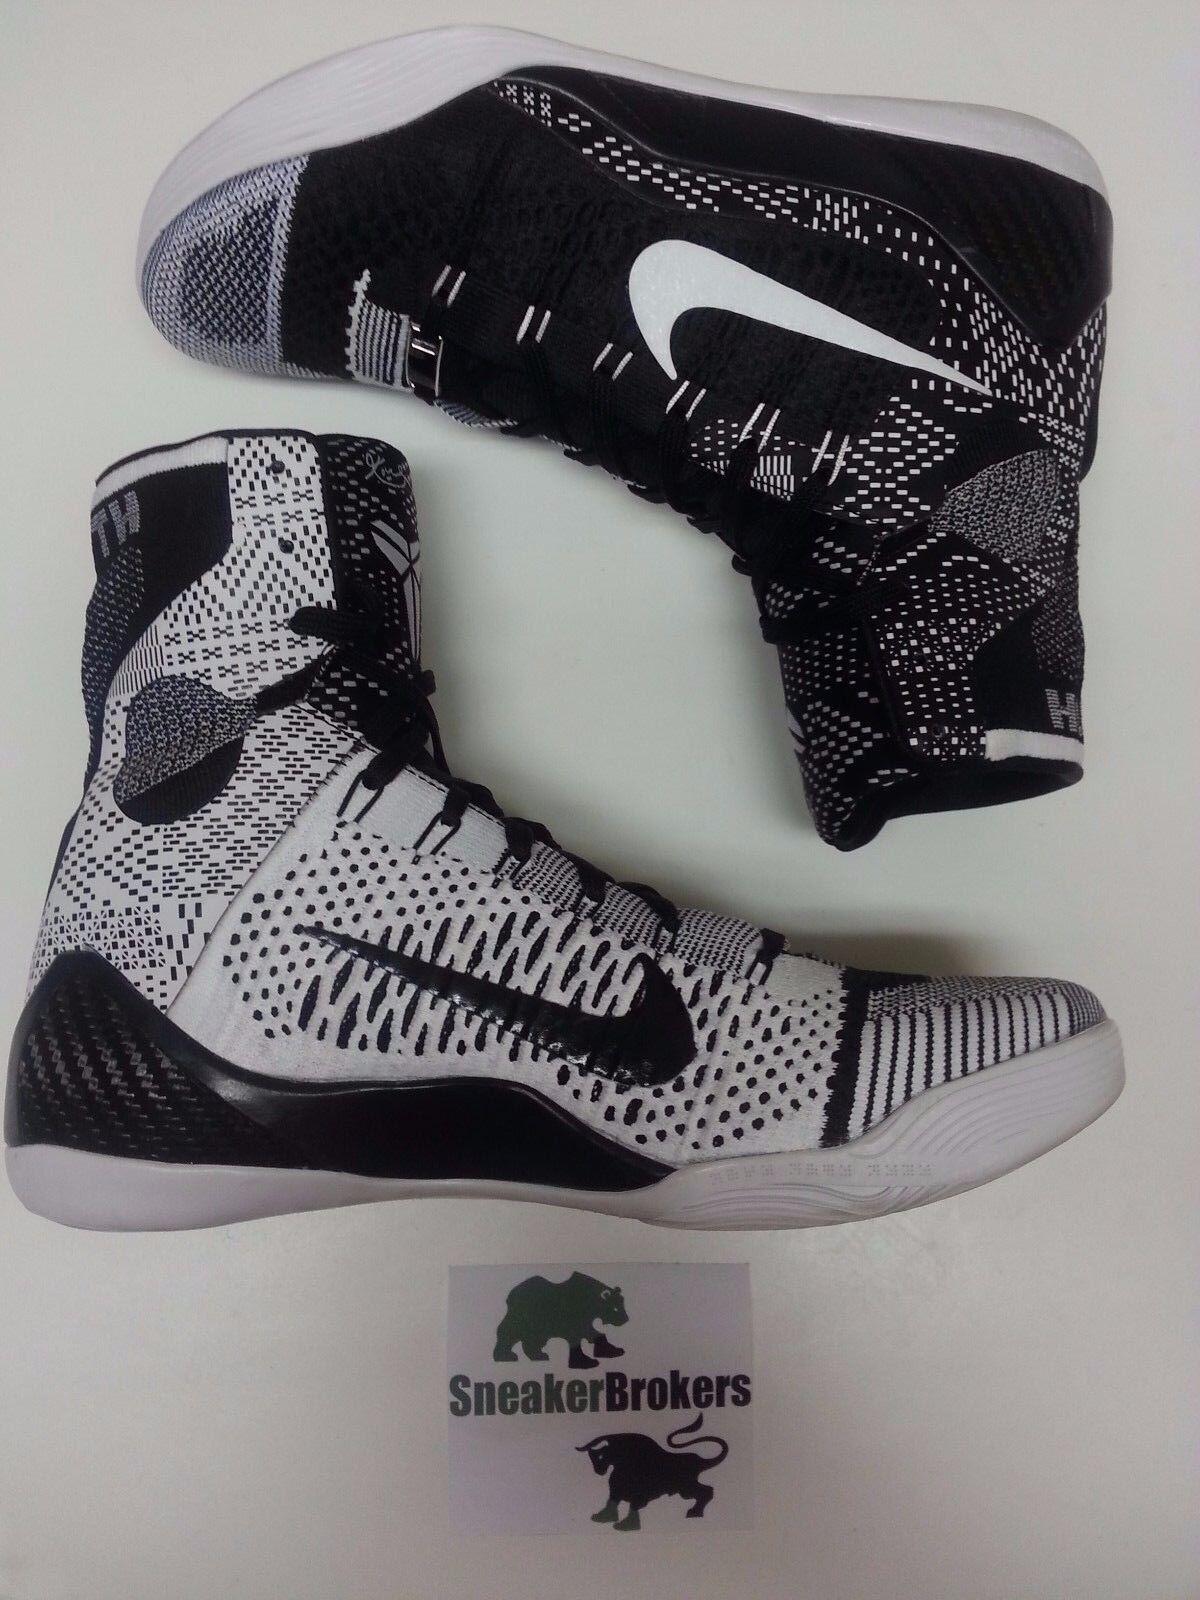 Nike Kobe 9 IX Elite BHM size 9.5. 704304-010. asg X 10 beethoven prelude FTB